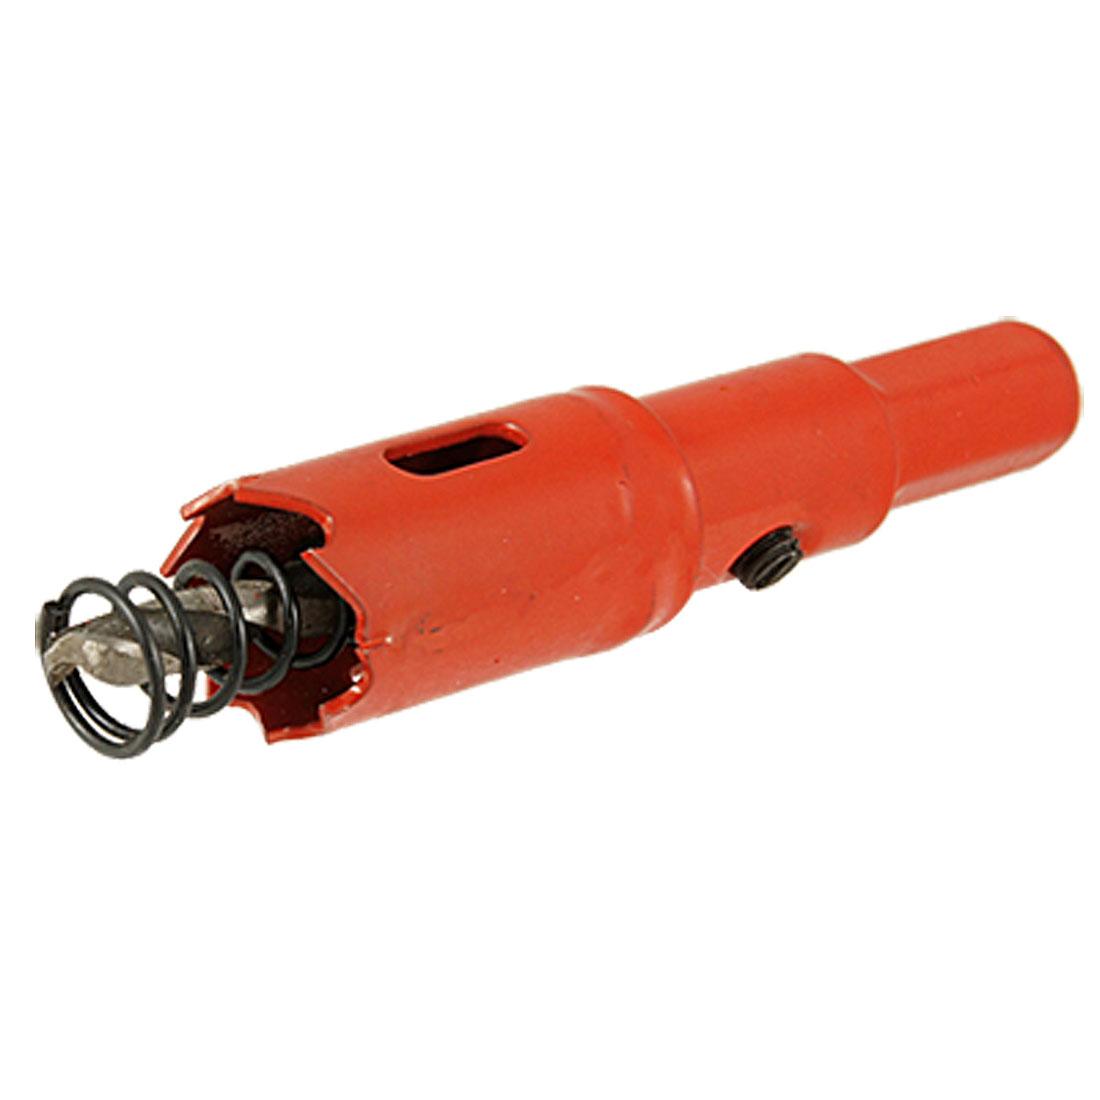 17mm Cutting Diameter Twist Drill Bit Bimetal Hole Saw